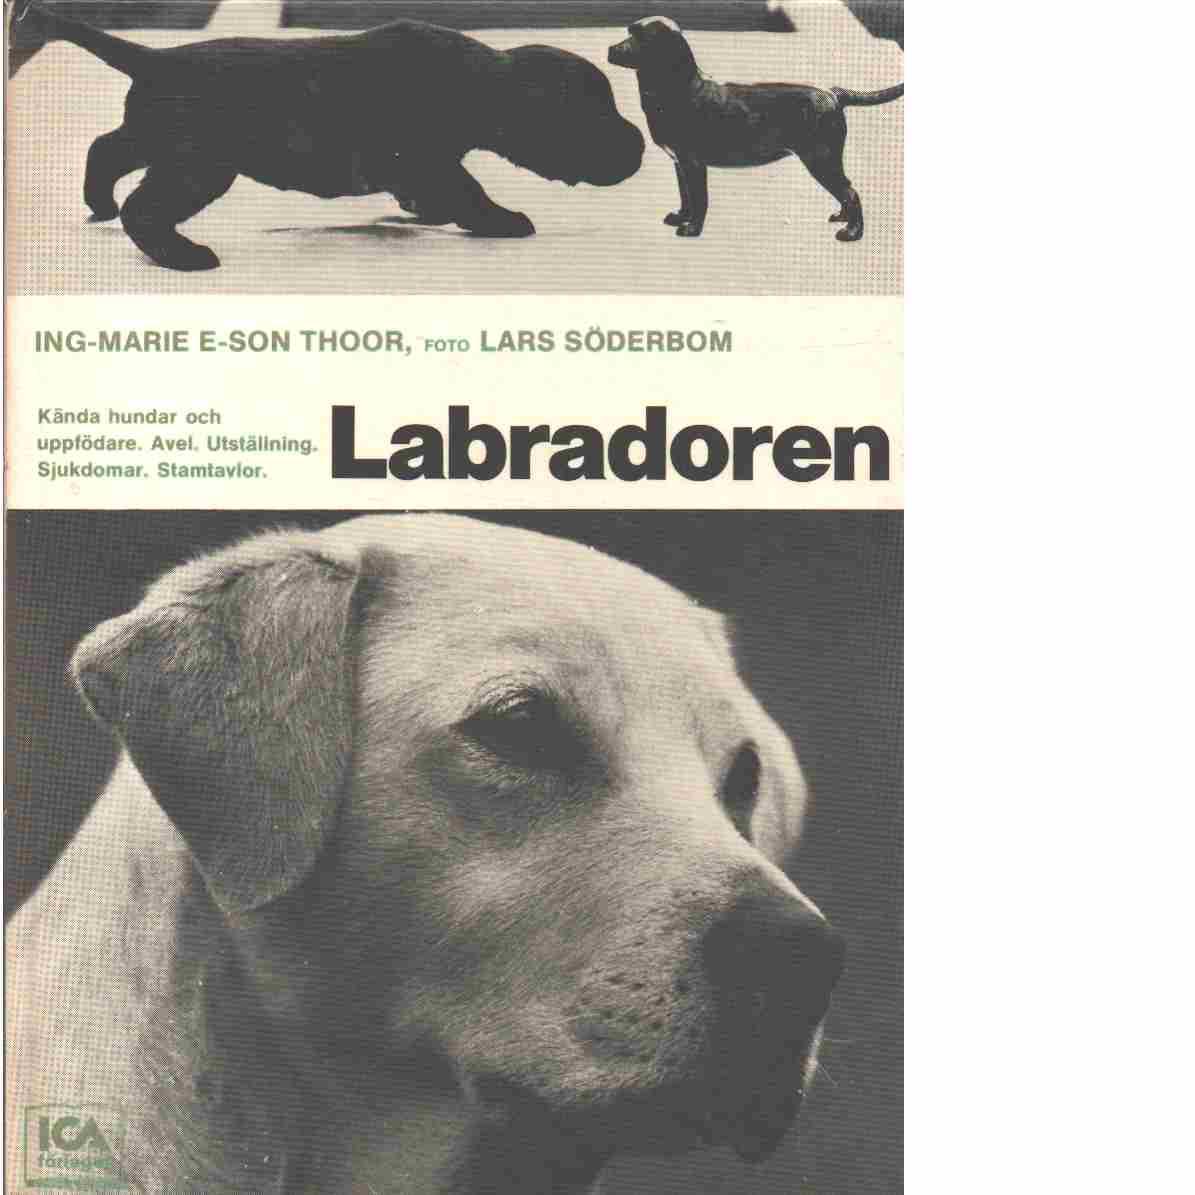 Labradoren - Thoor, Ing-Marie E-son